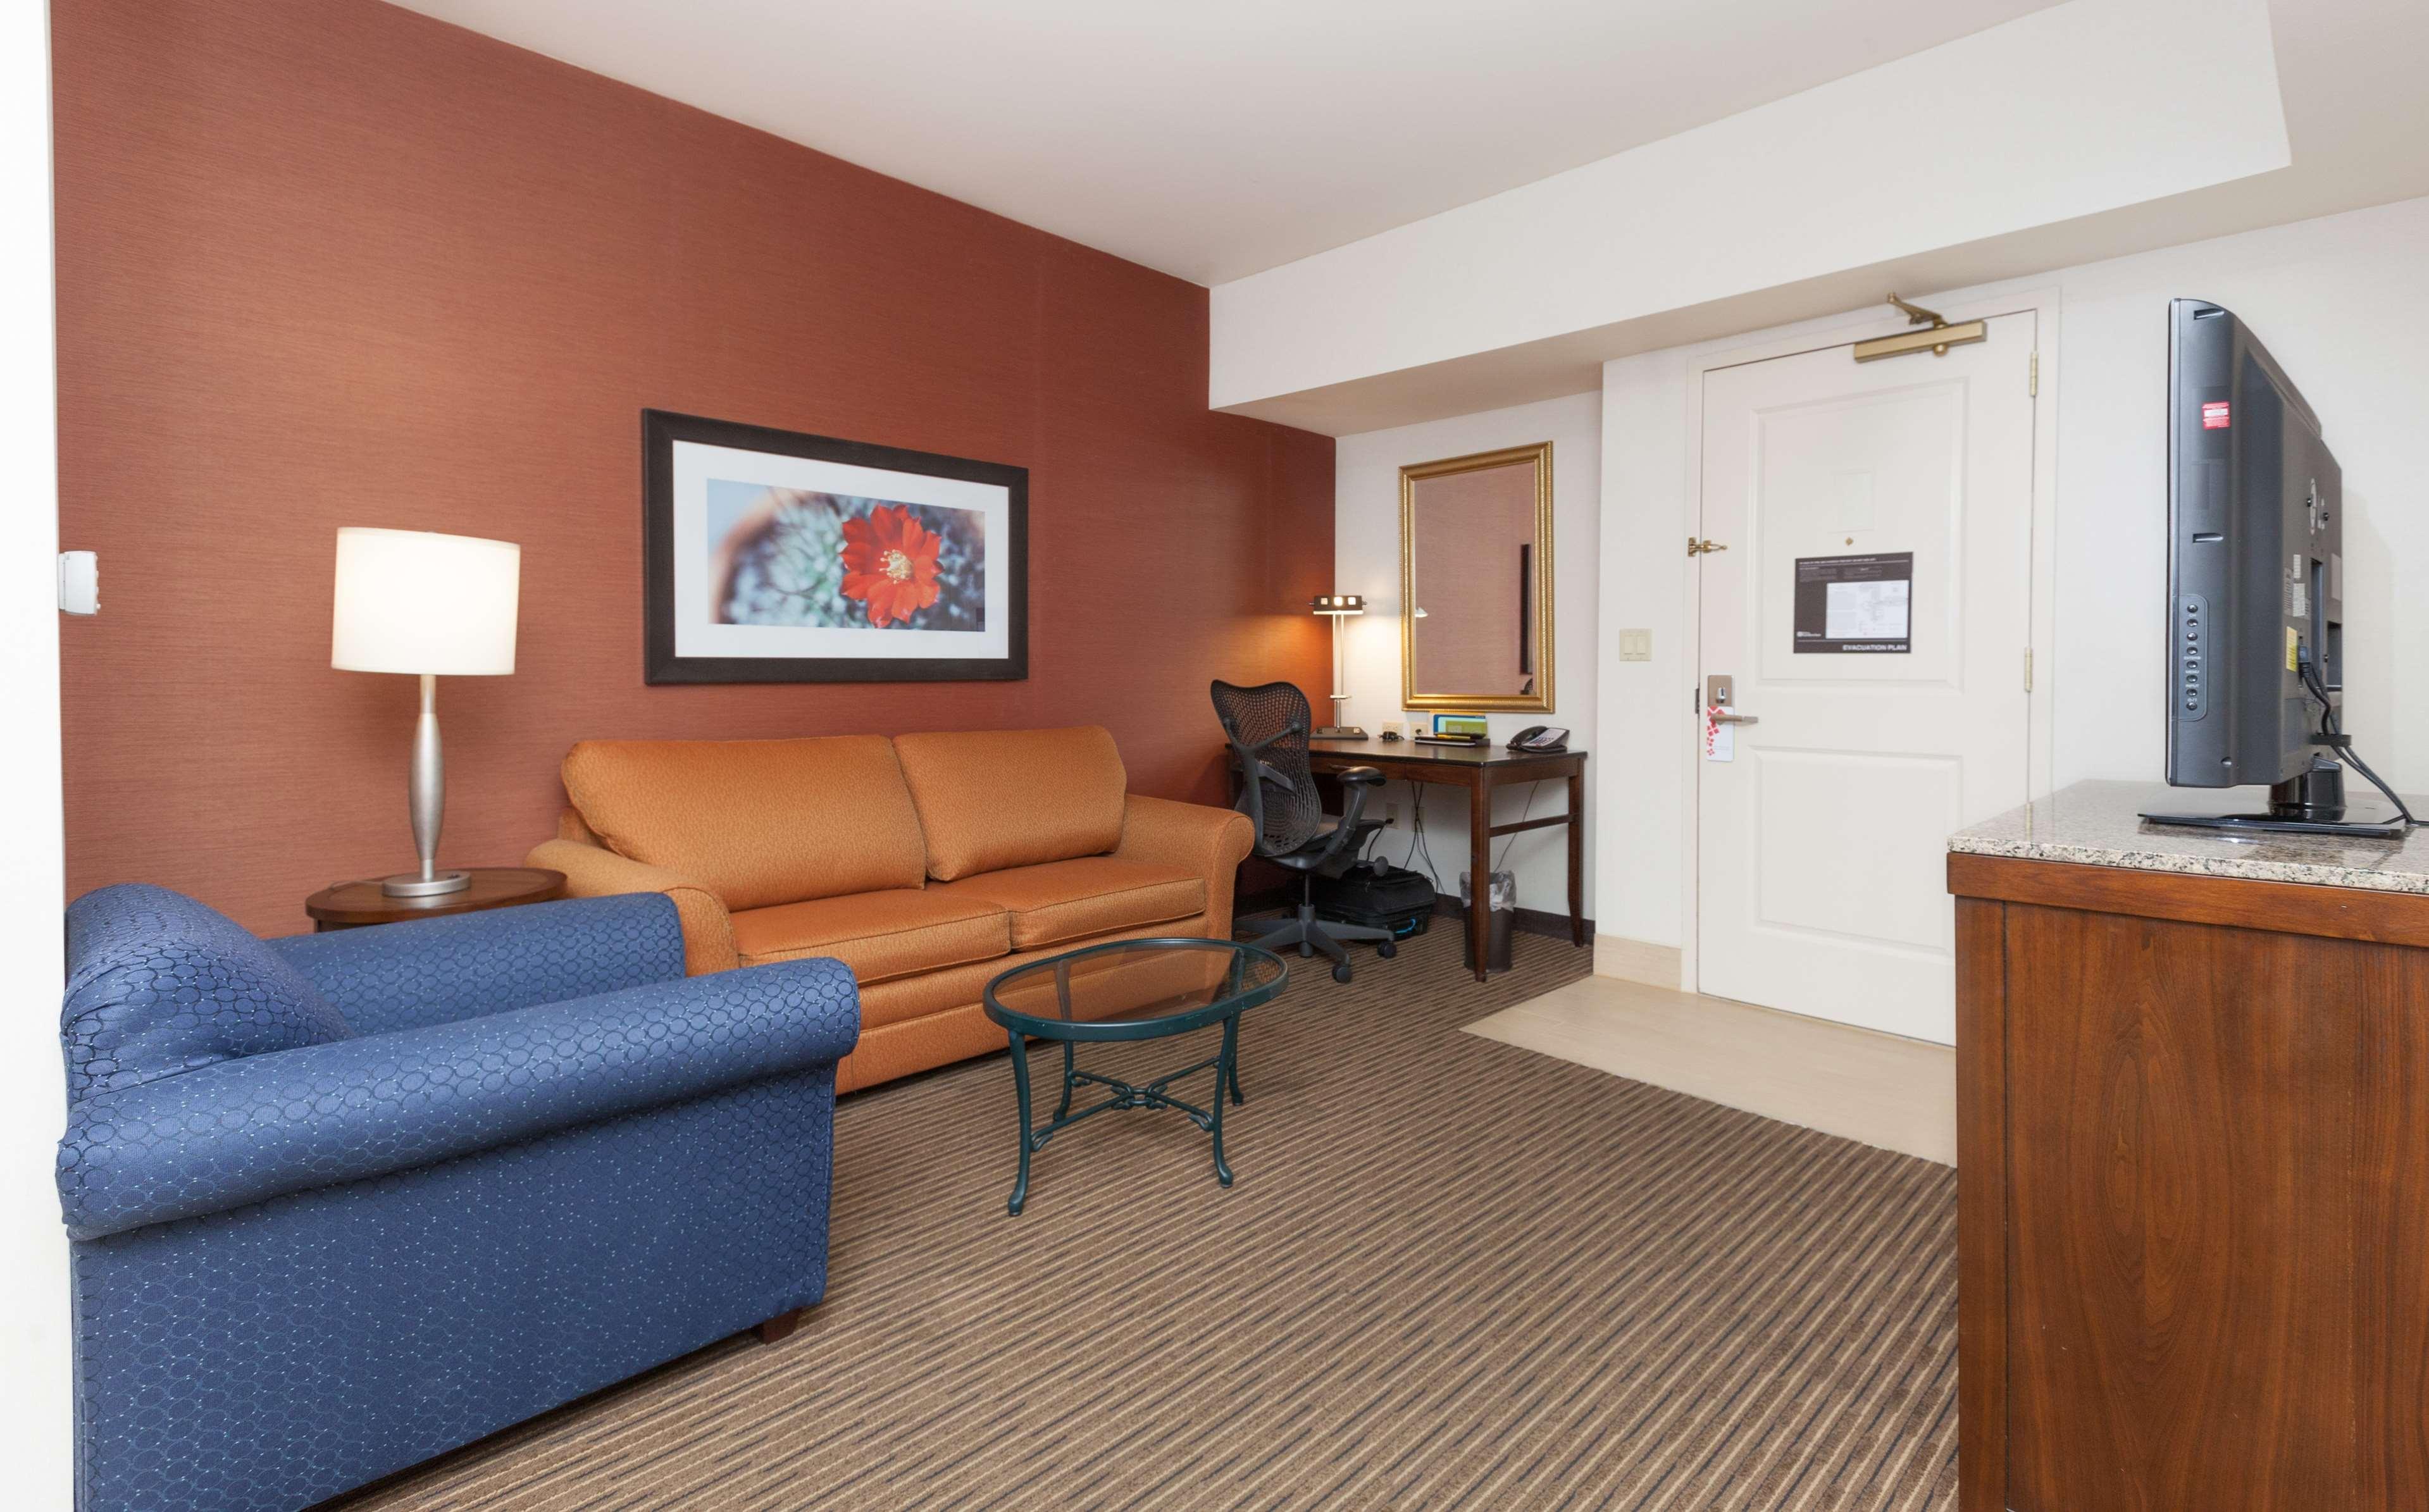 Hilton Garden Inn Palm Springs/Rancho Mirage image 27